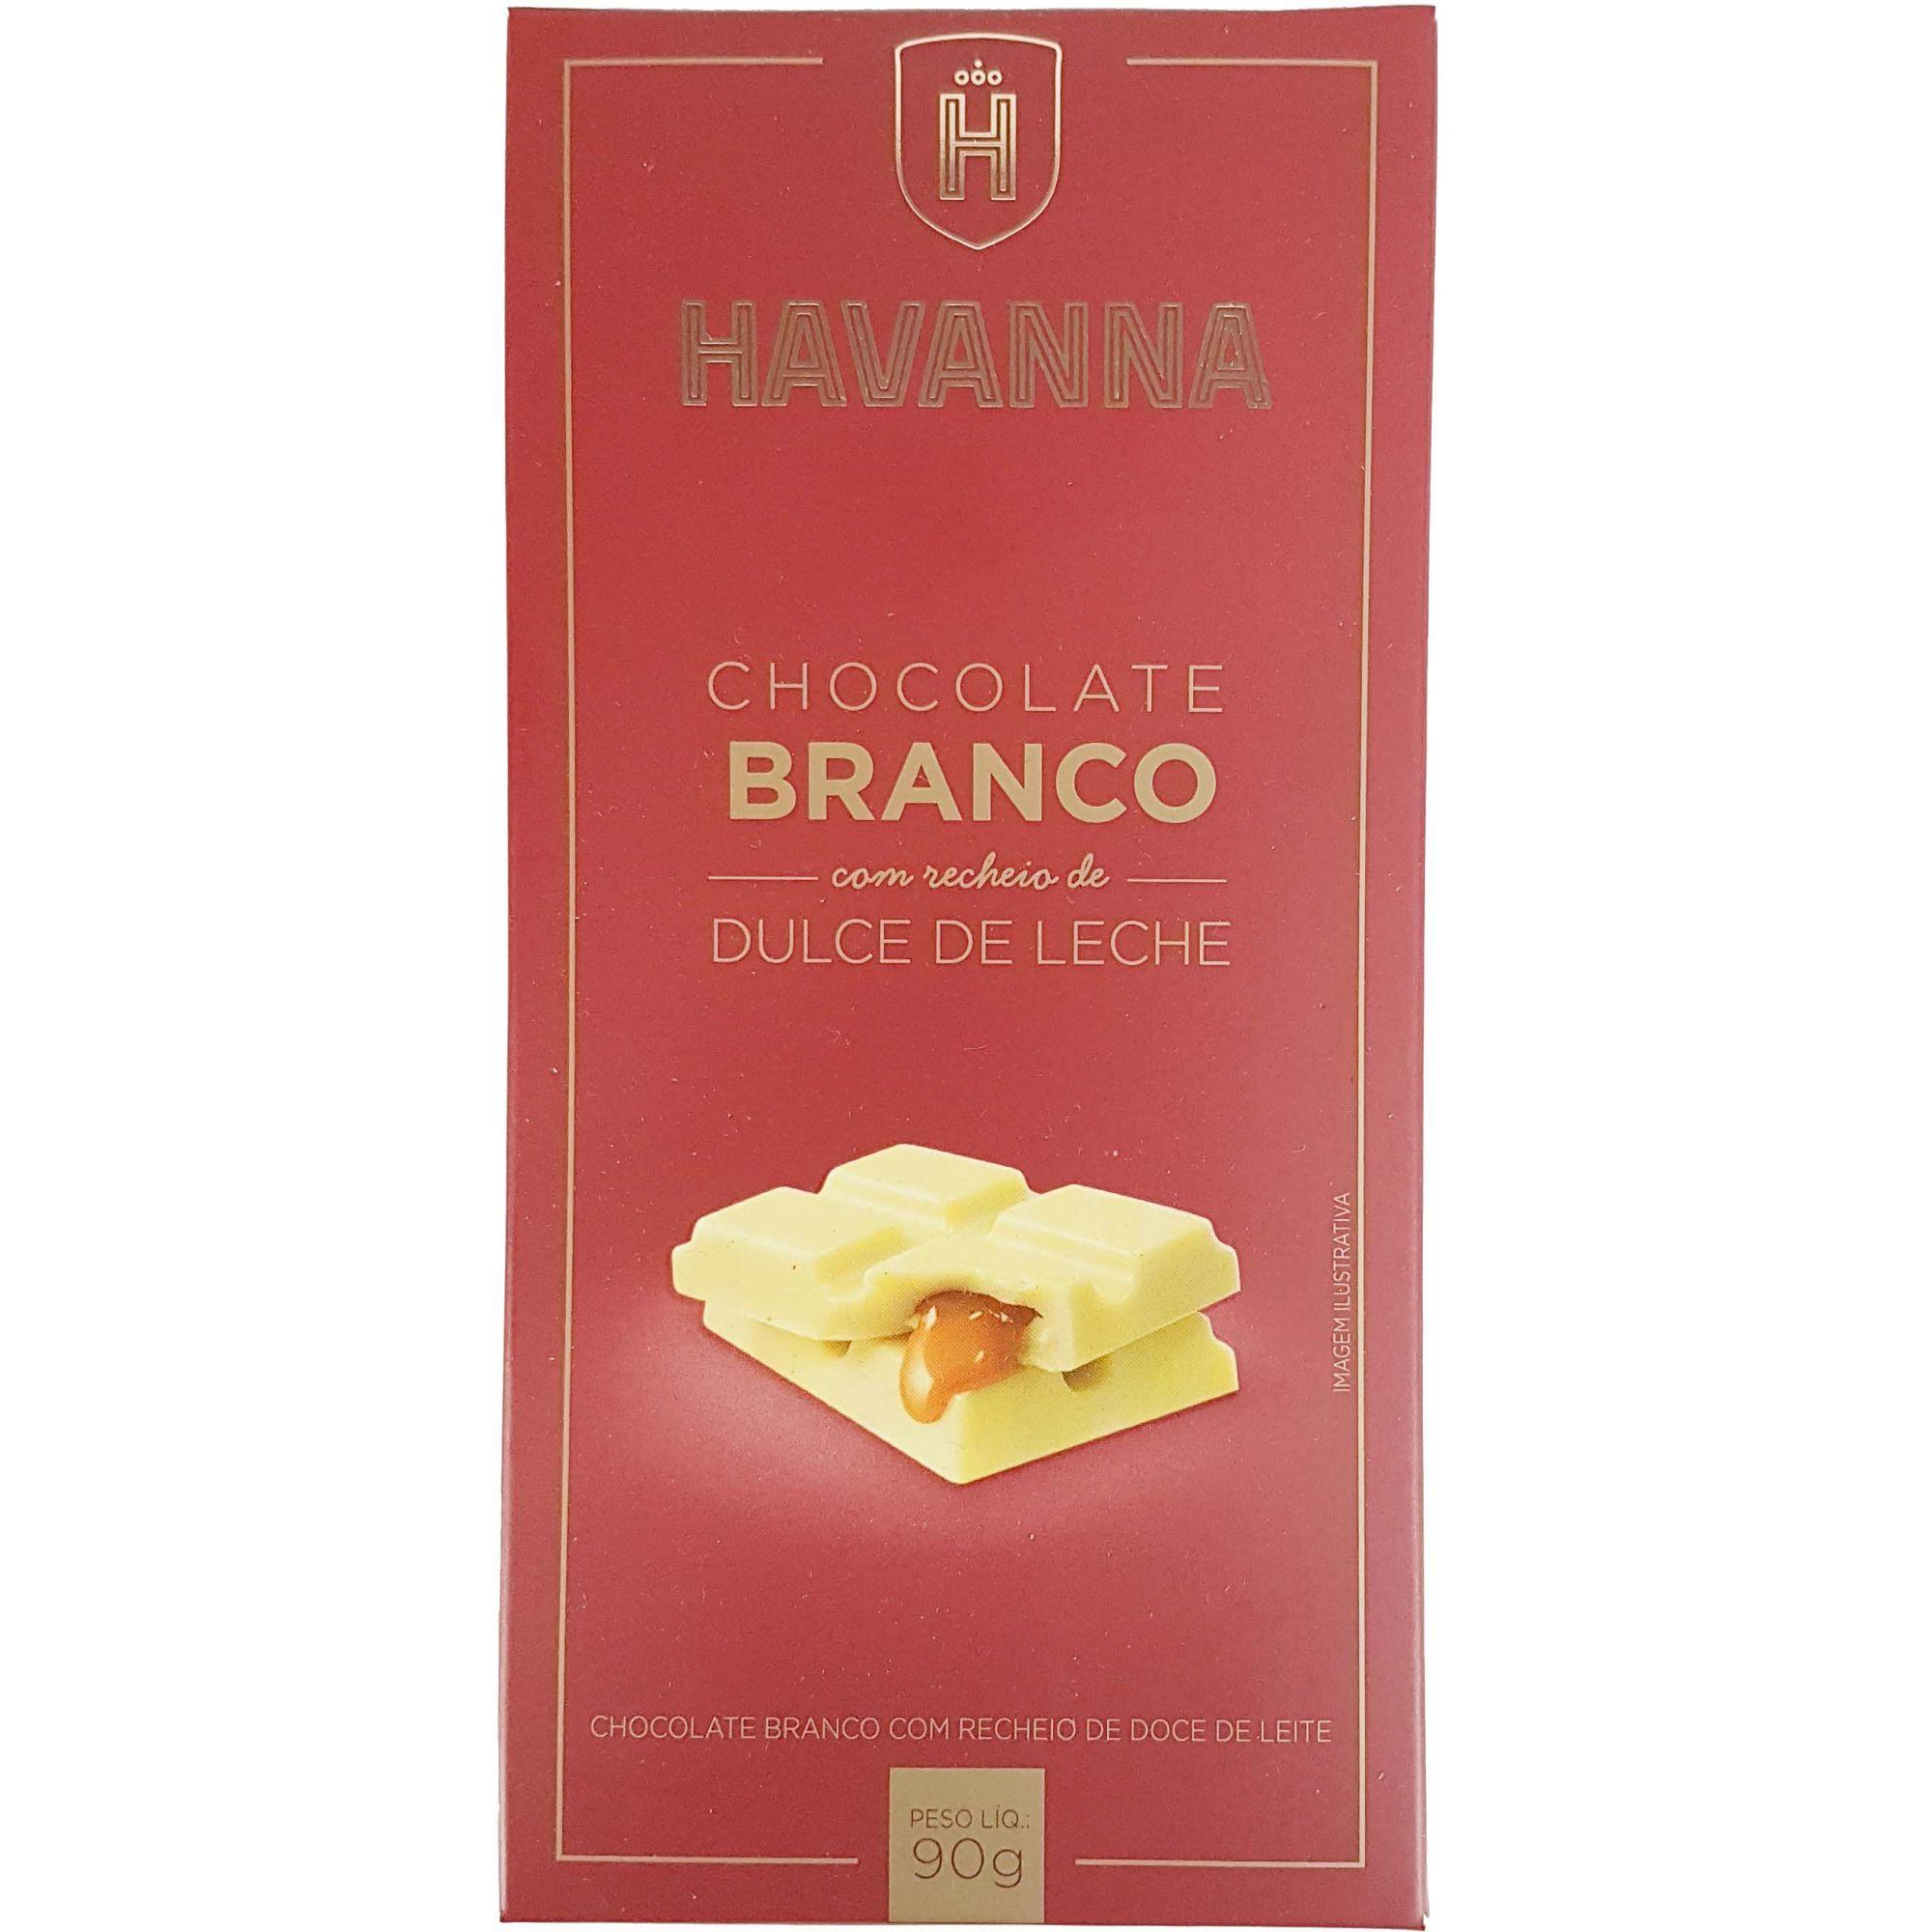 Chocolate Havanna Branco Com Recheio de Dolce de Leite - 90g -